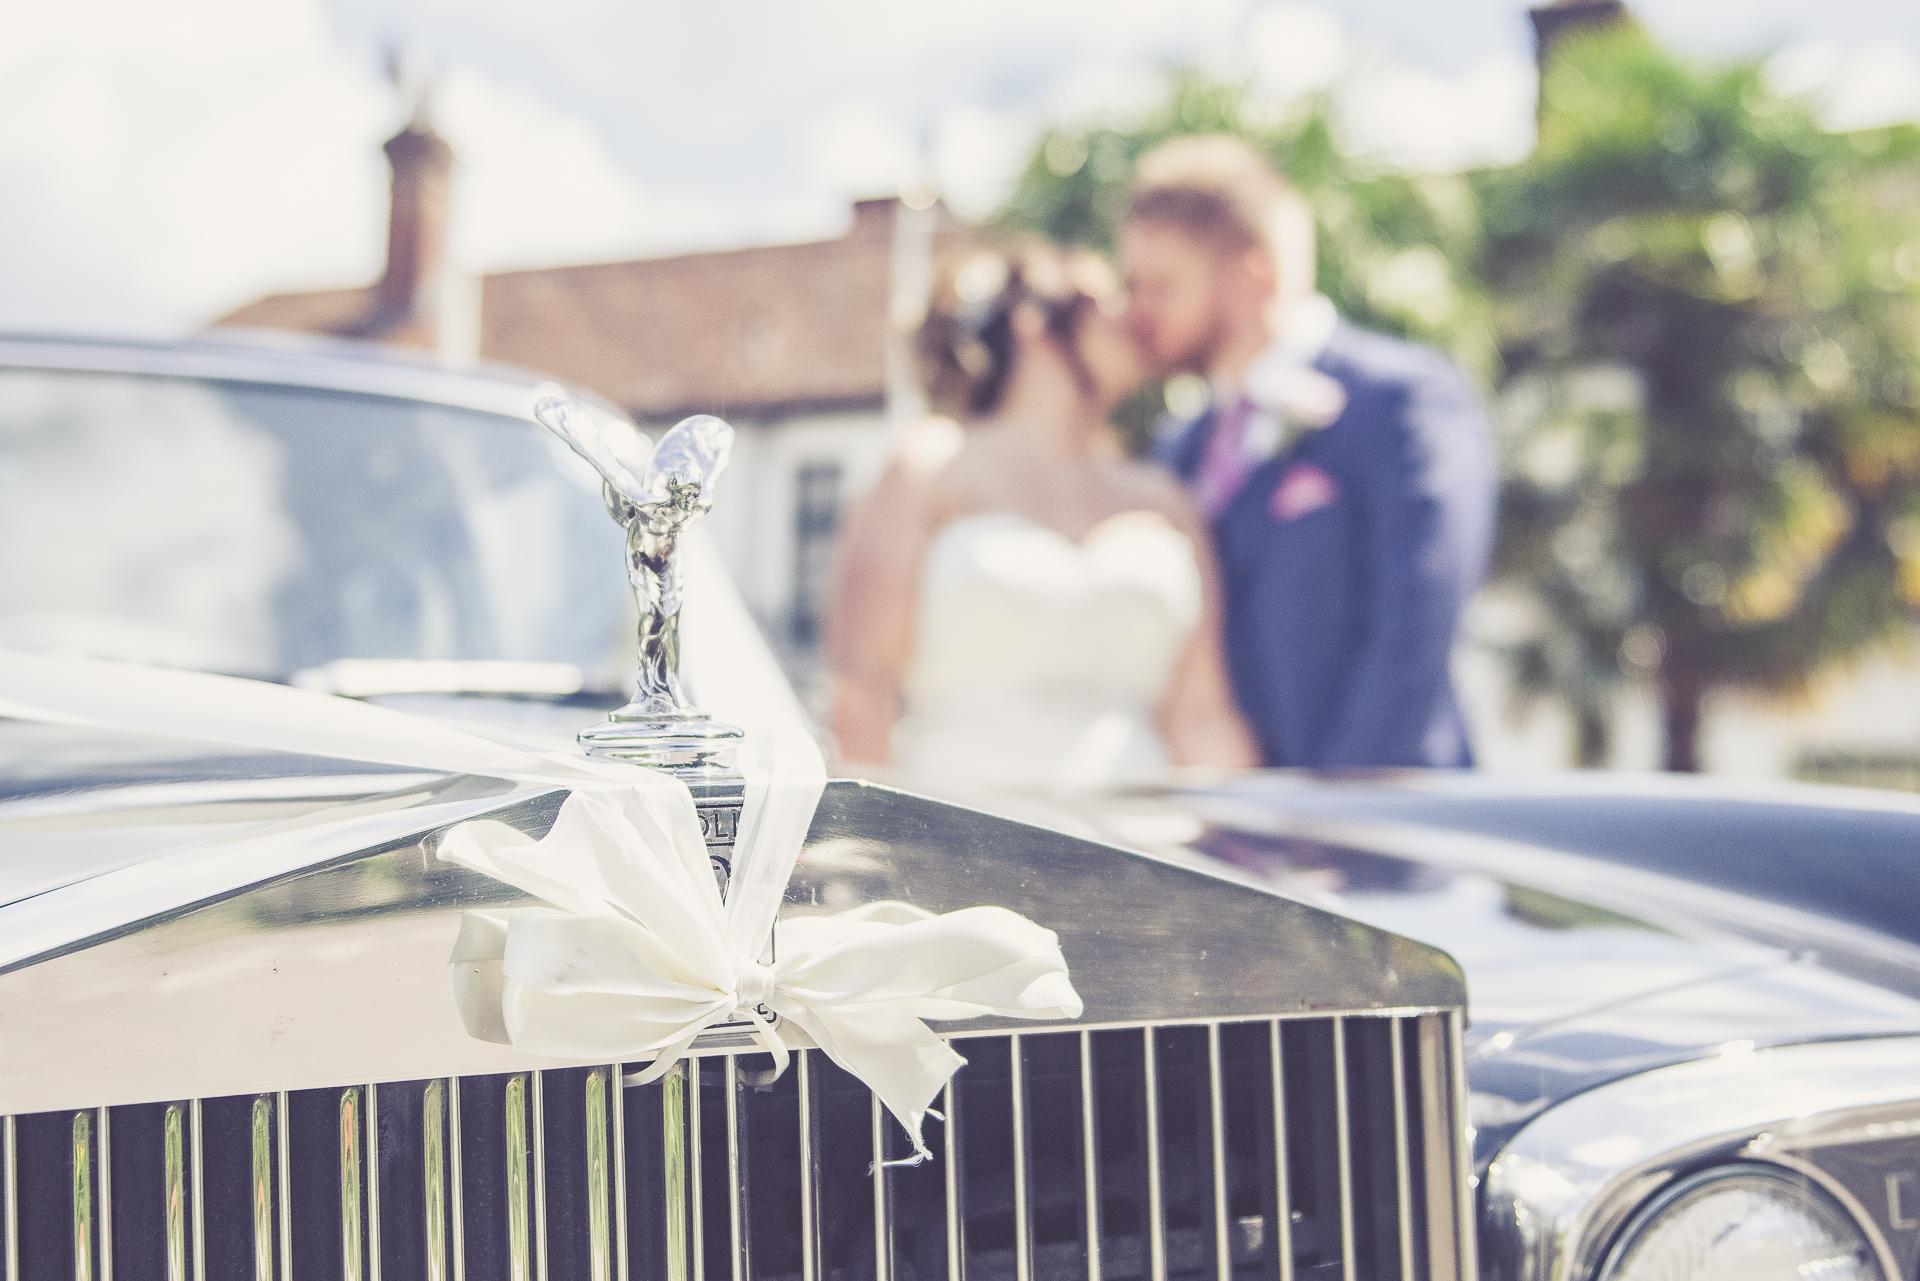 Frensham-Pond-Hotel-wedding_34.JPG